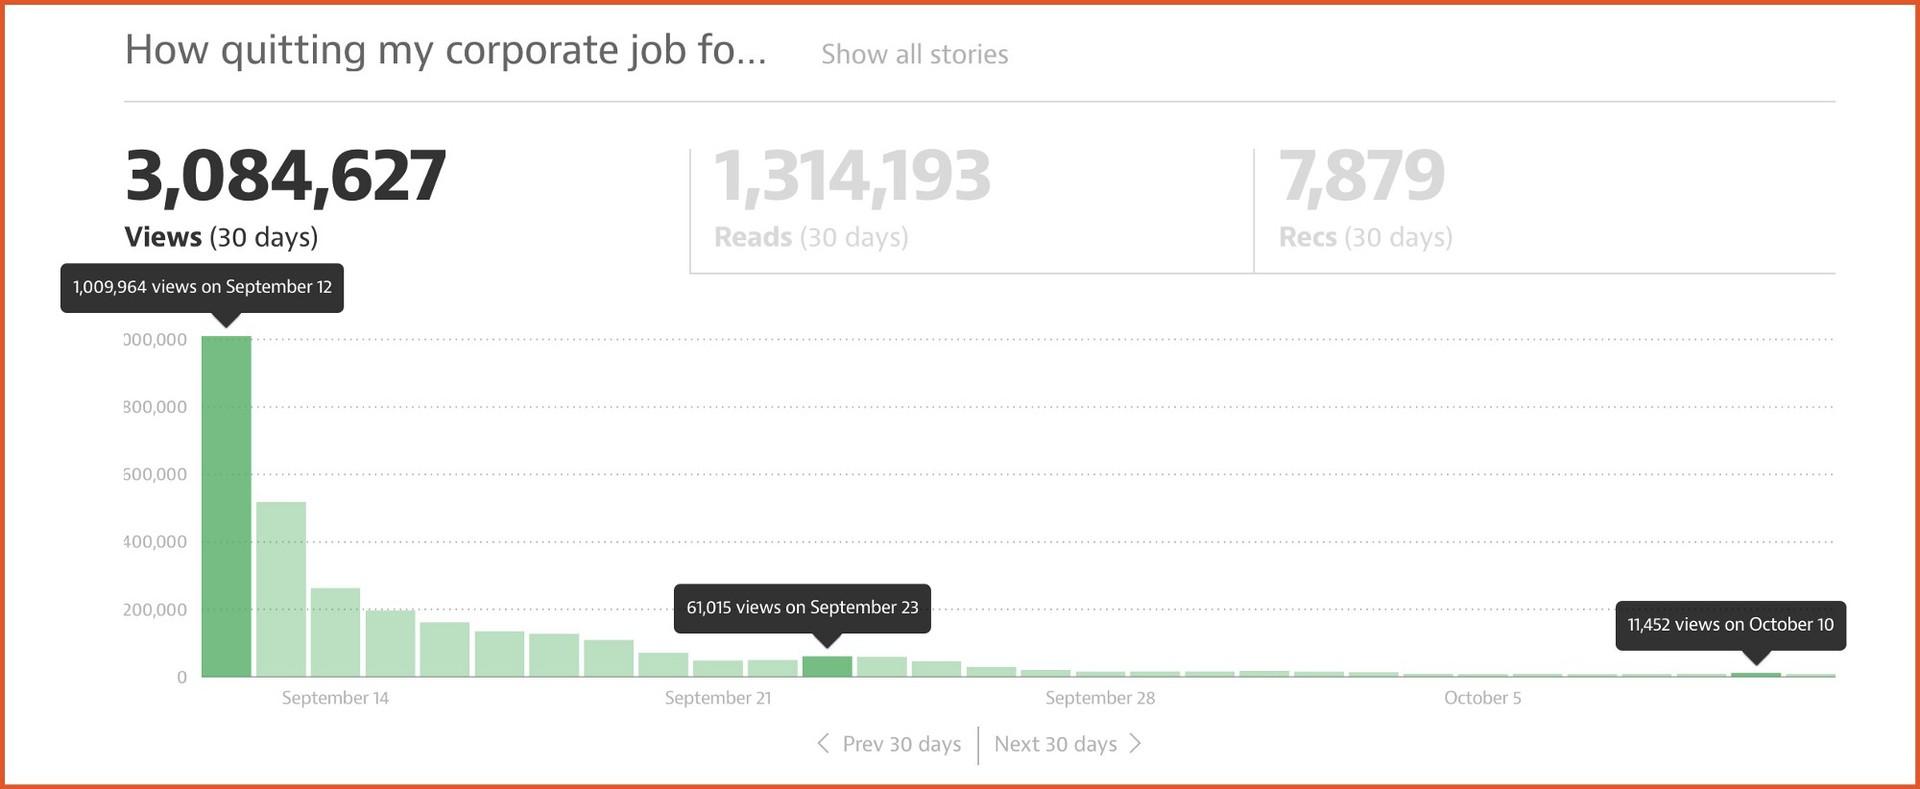 Как я сделал так, чтобы мои статьи просмотрели 6.2 миллиона человек и подписалось 144,920 людей? - 3